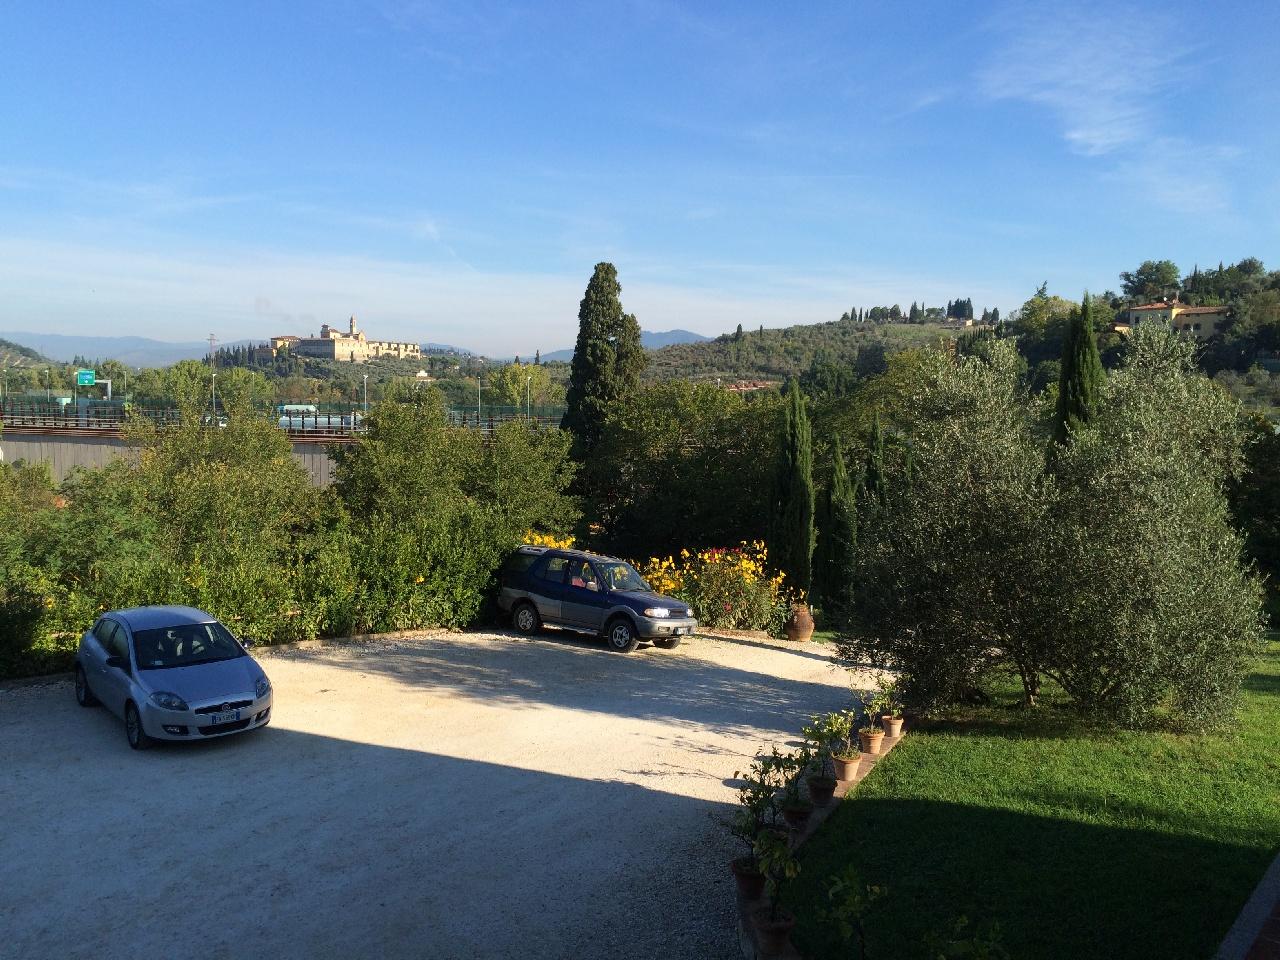 Parcarea din curte vilei